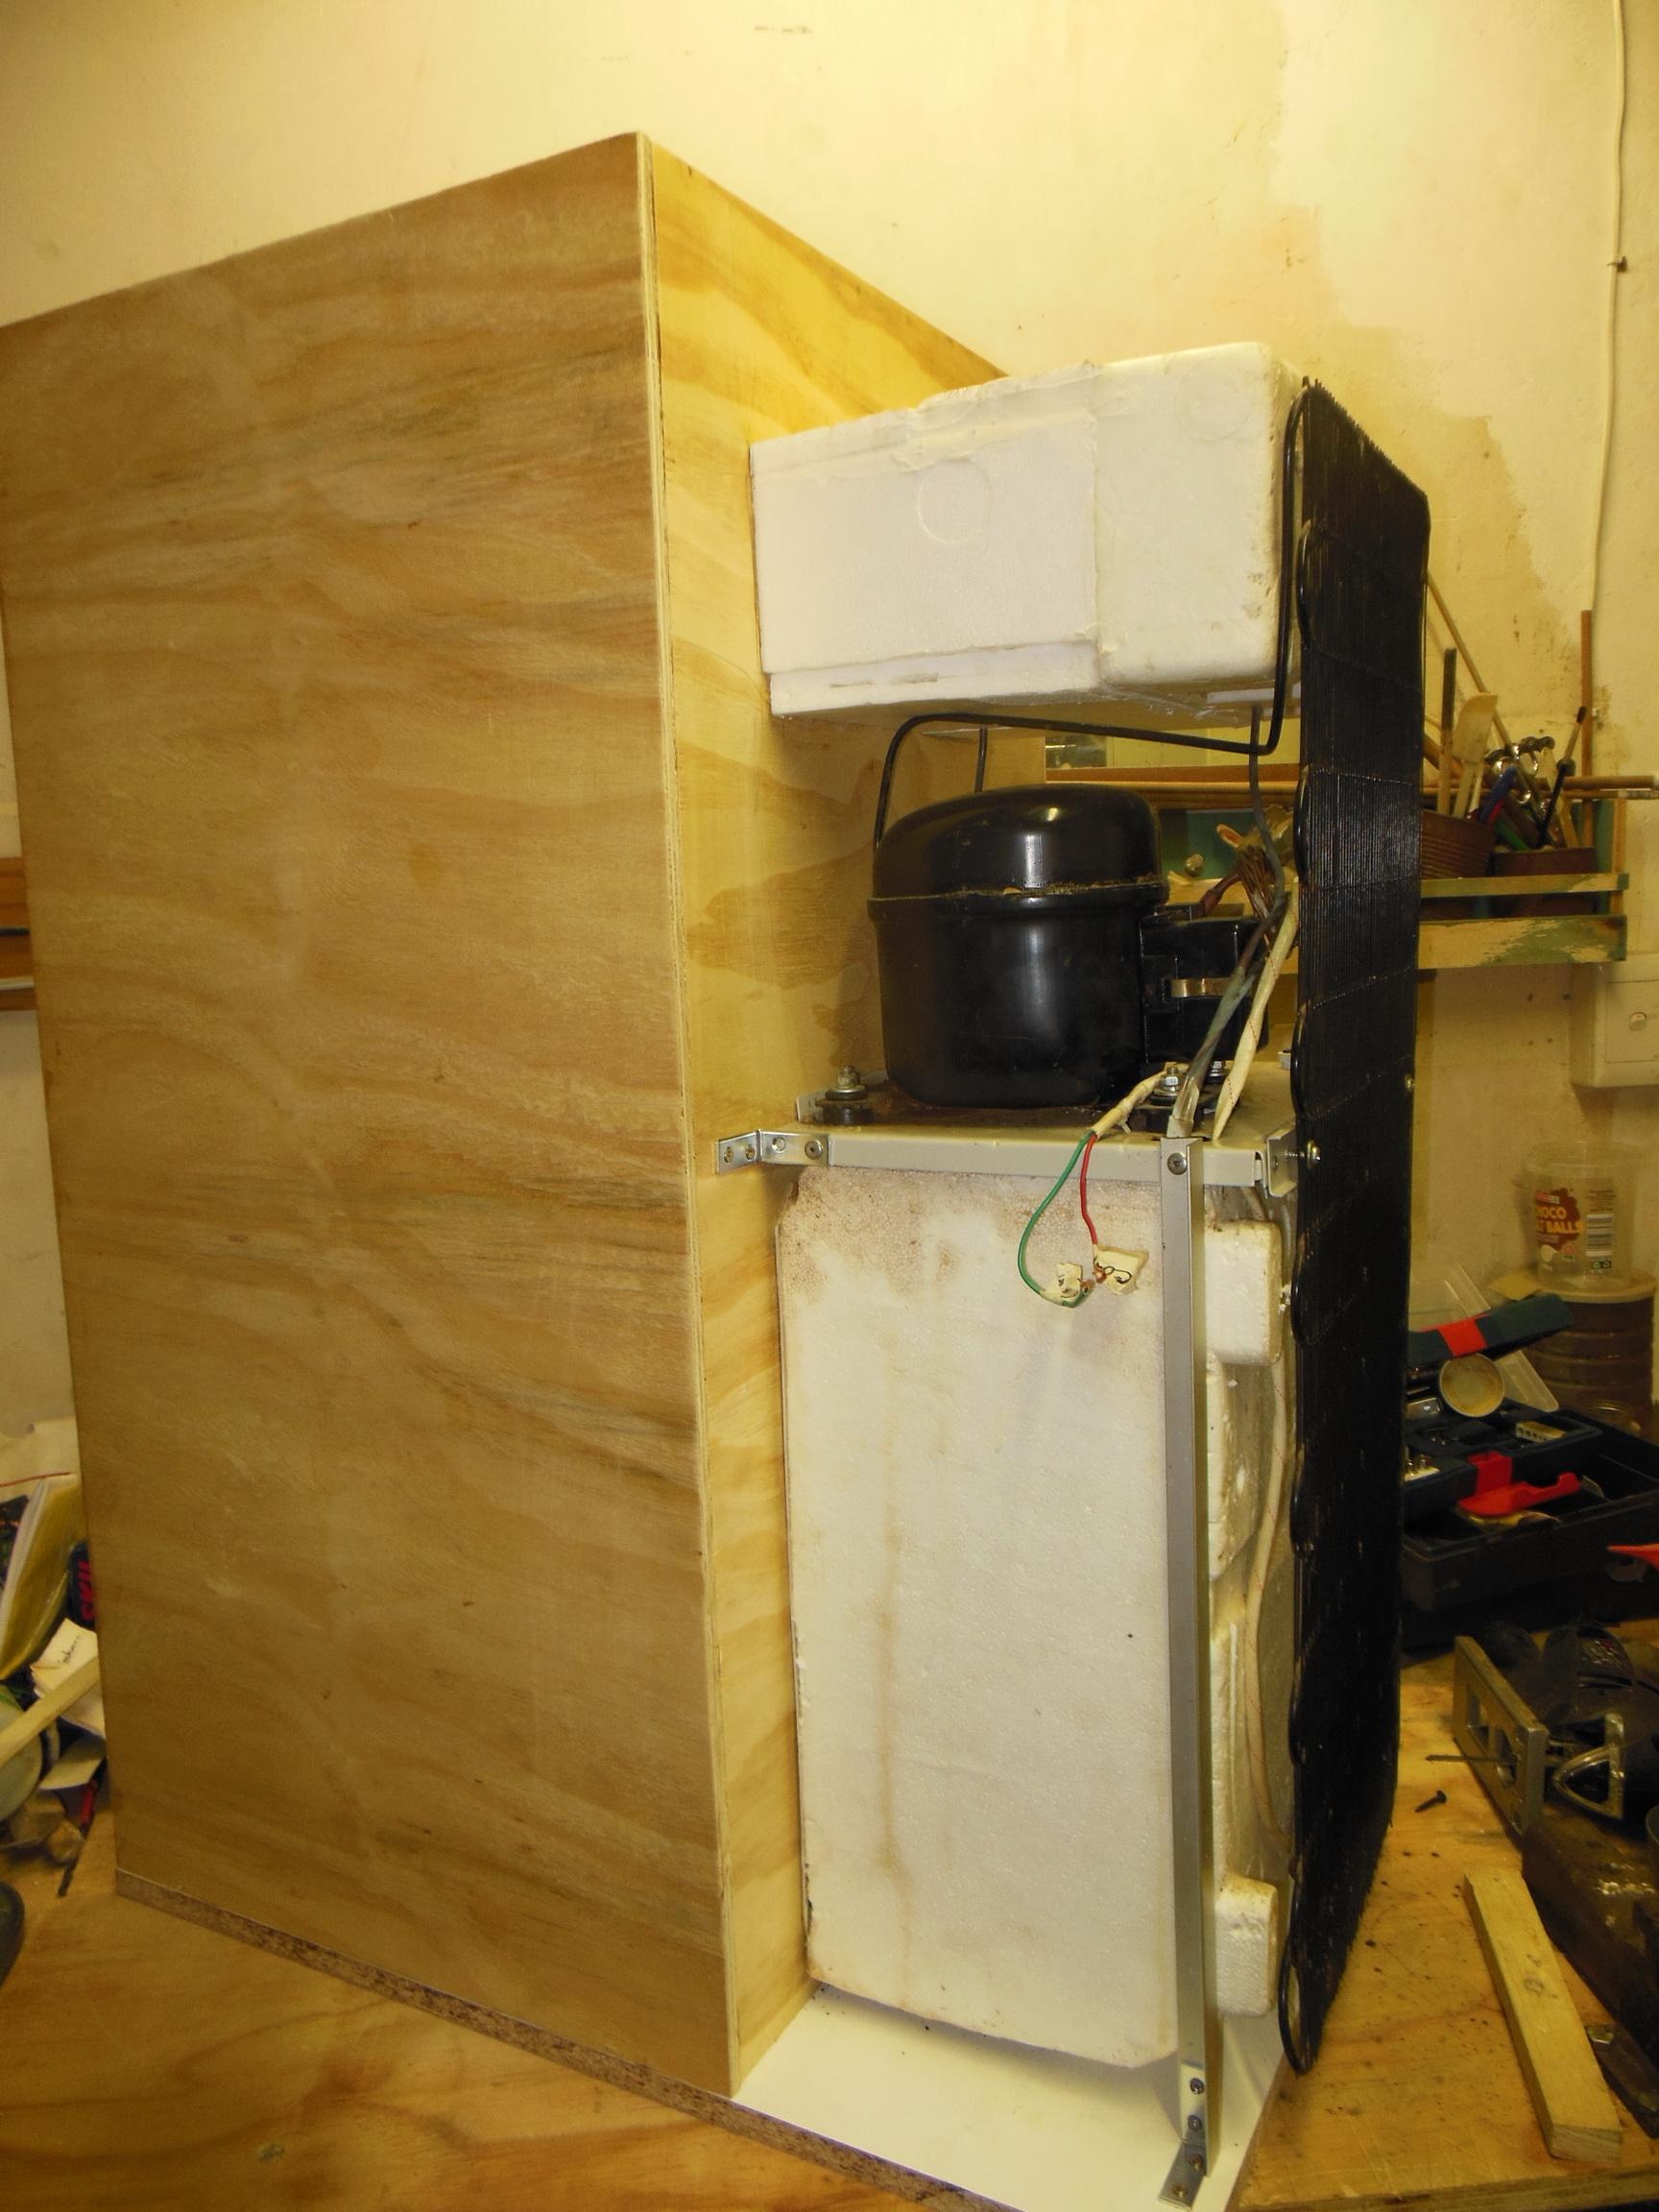 mounted_compressor_chiller_left.jpg